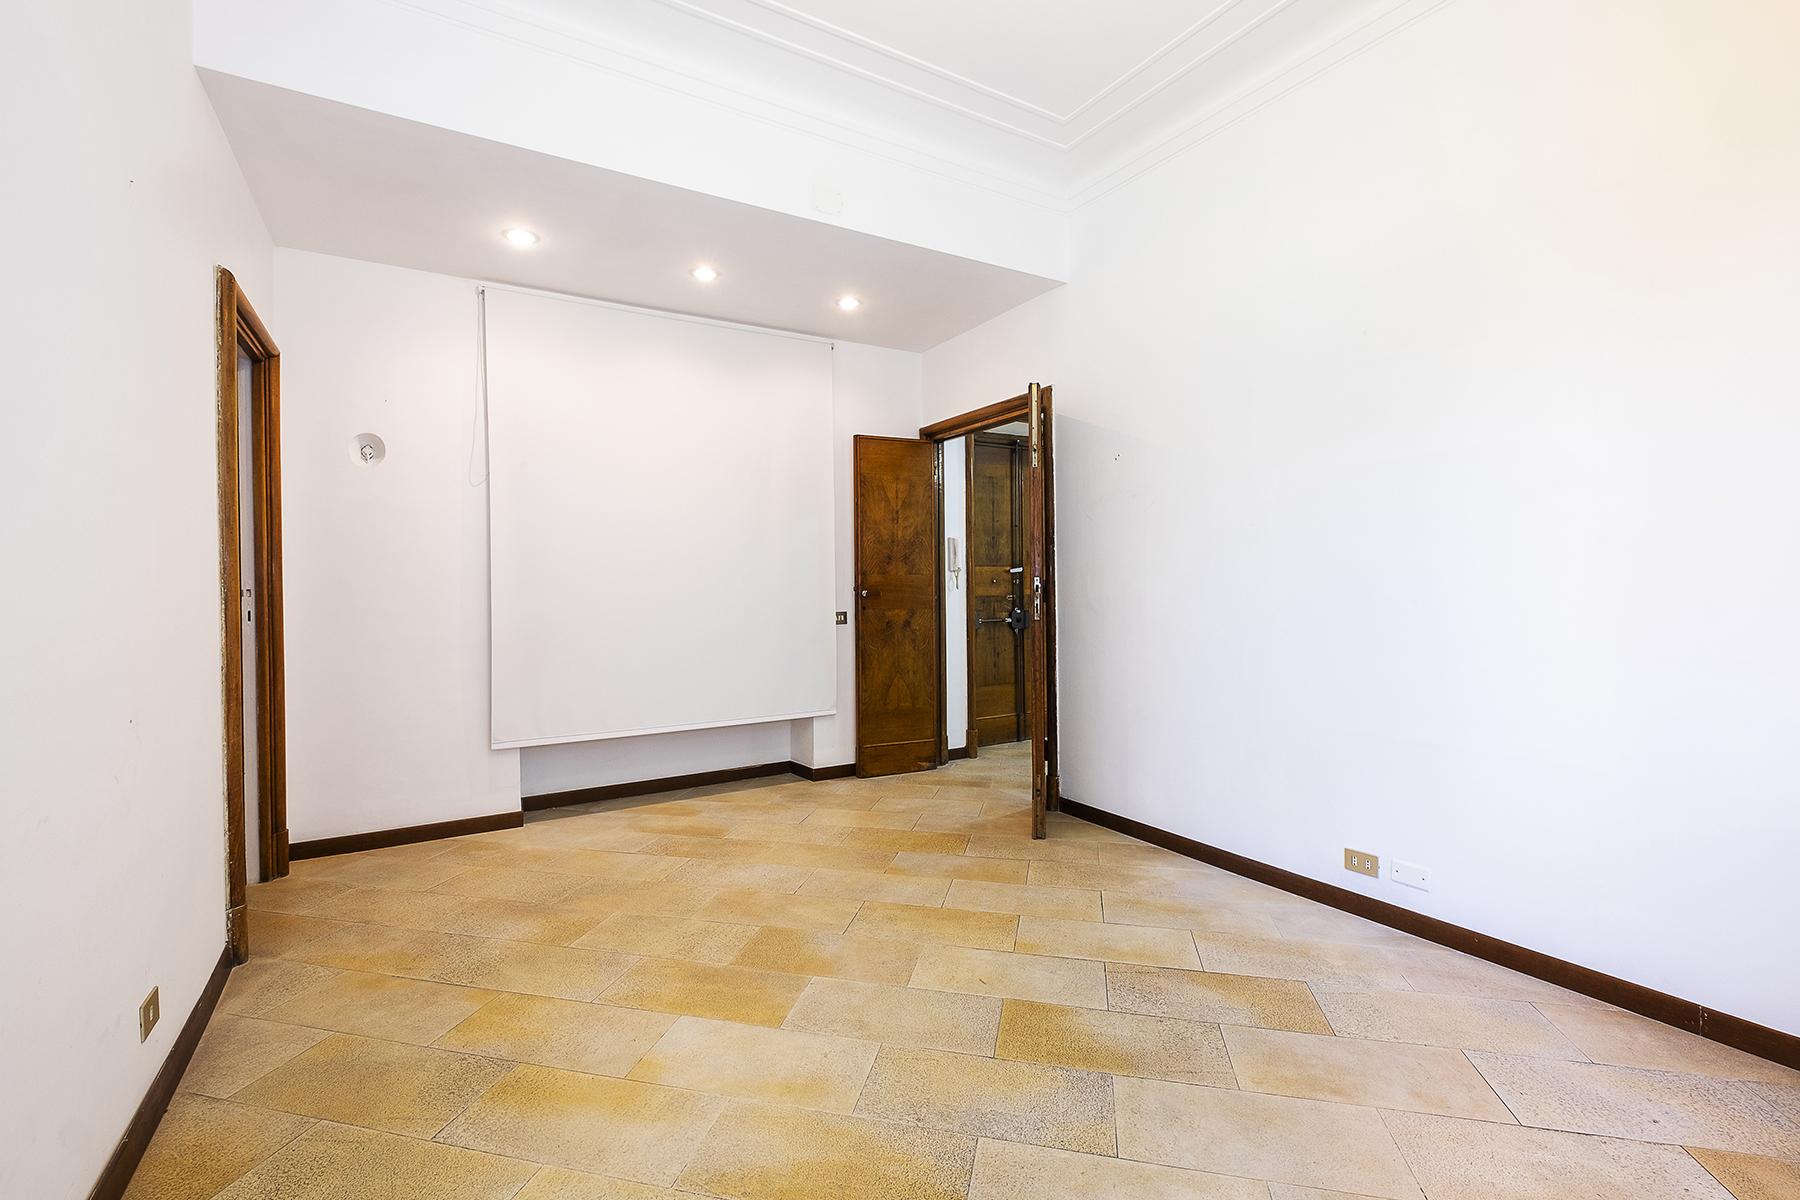 Appartamento di lusso in affitto a roma via angelo secchi for Affitto studio medico roma parioli